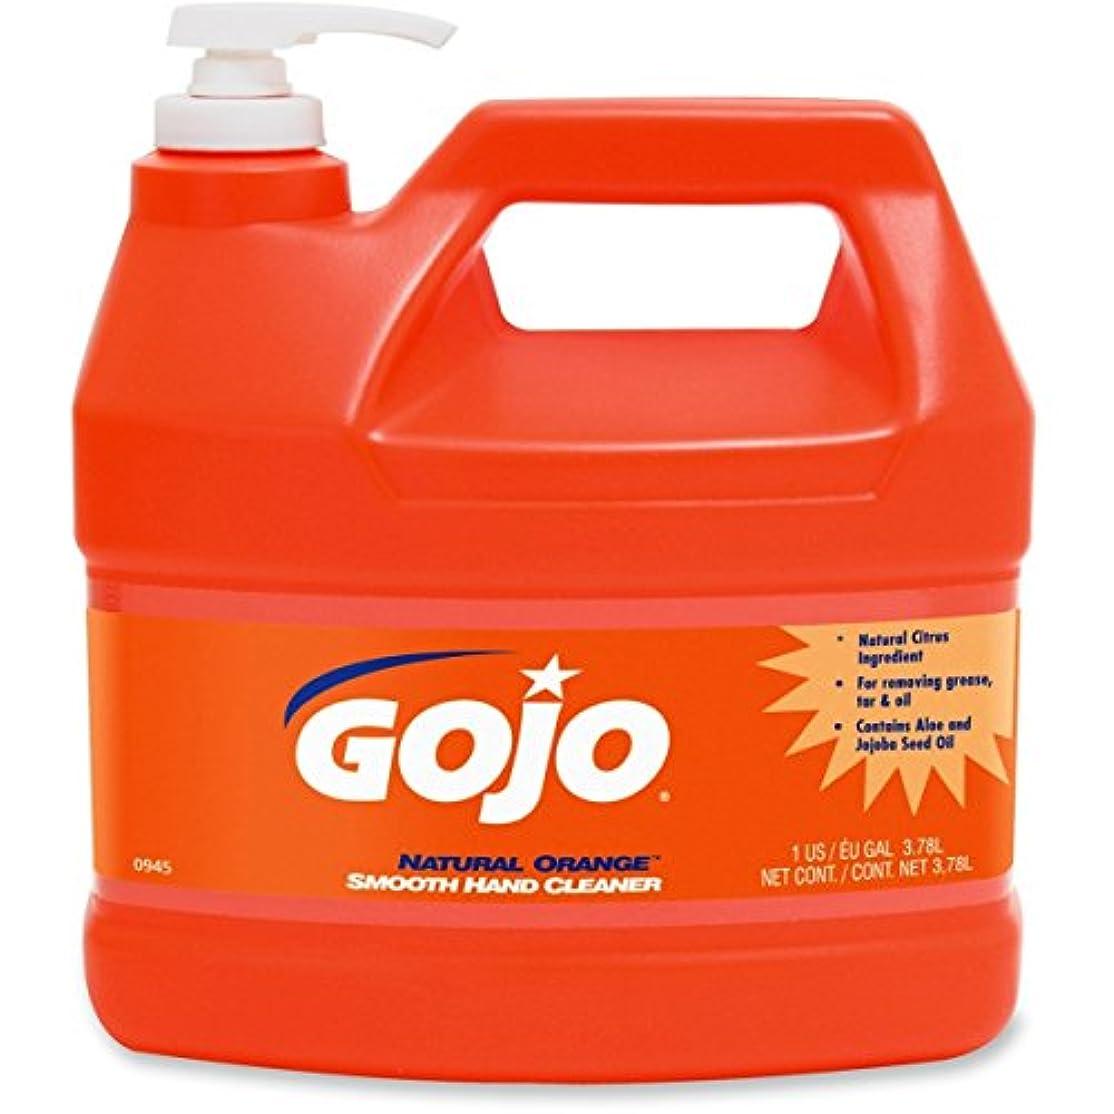 フェリー関連する汗goj094504 – GOJOナチュラルオレンジSmooth heavy-duty Hand Cleaner